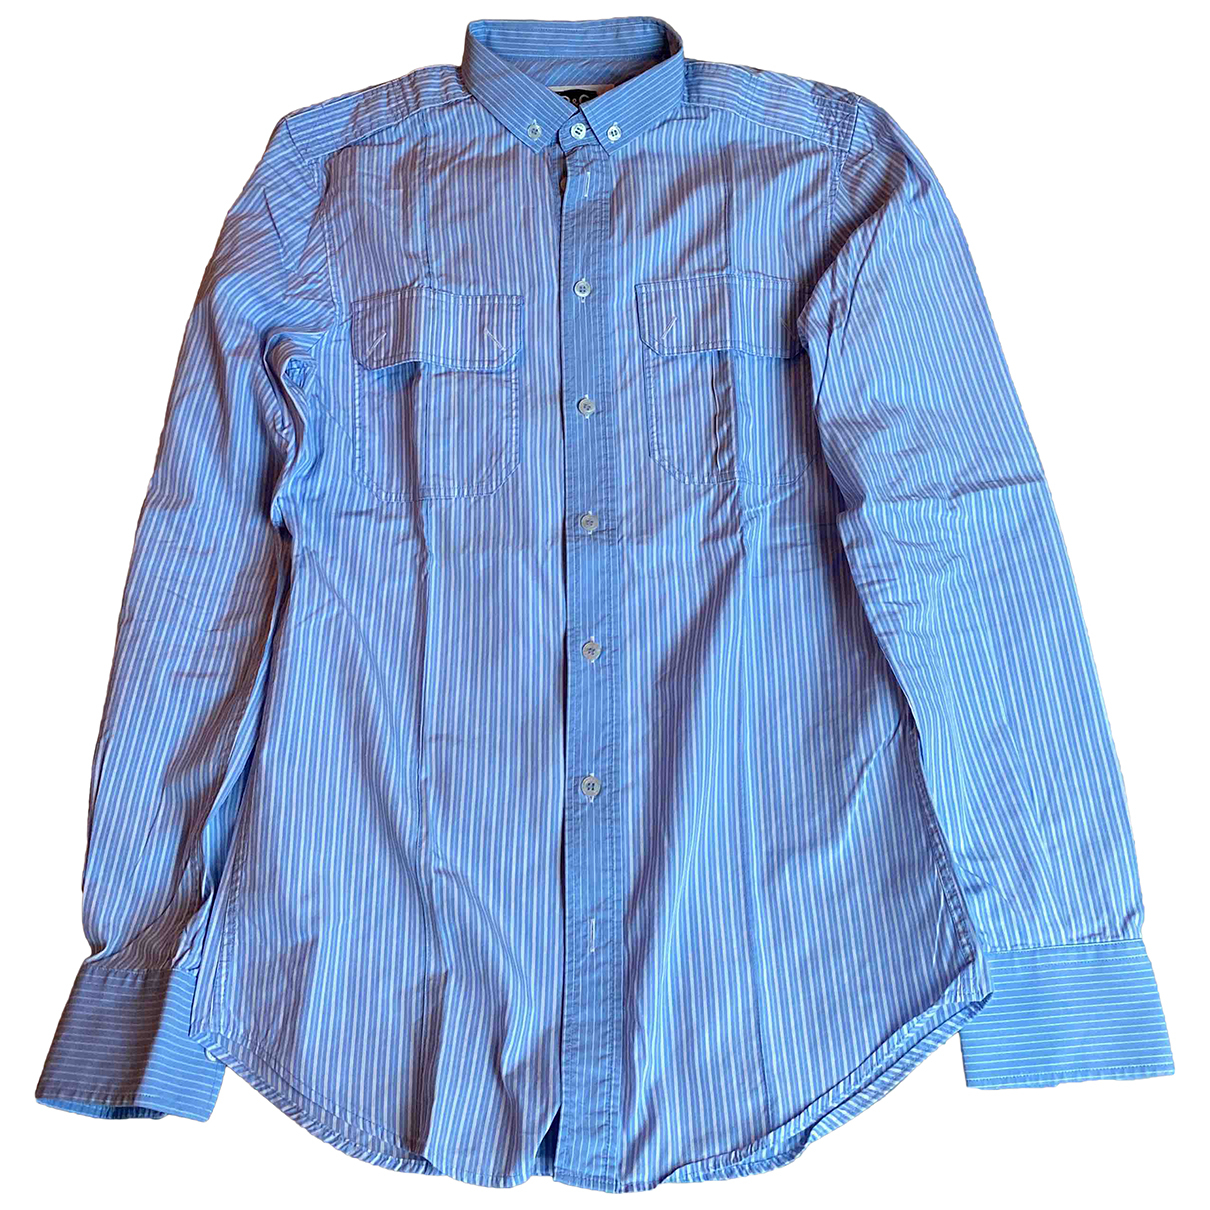 D&g - Chemises   pour homme en coton - bleu